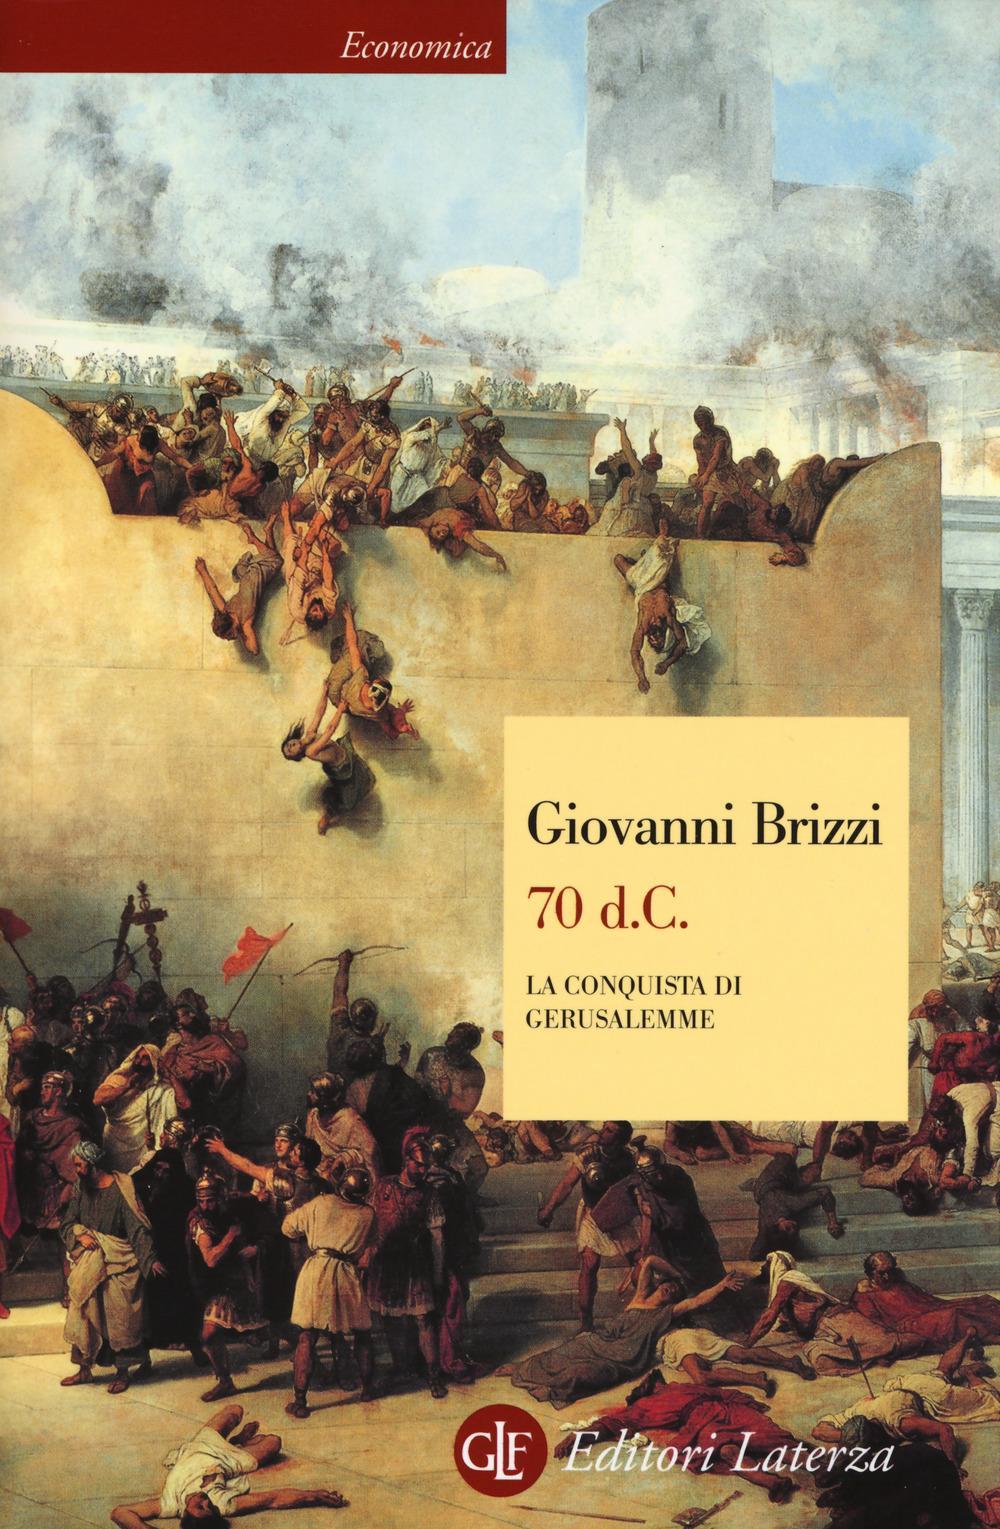 70 d.C.